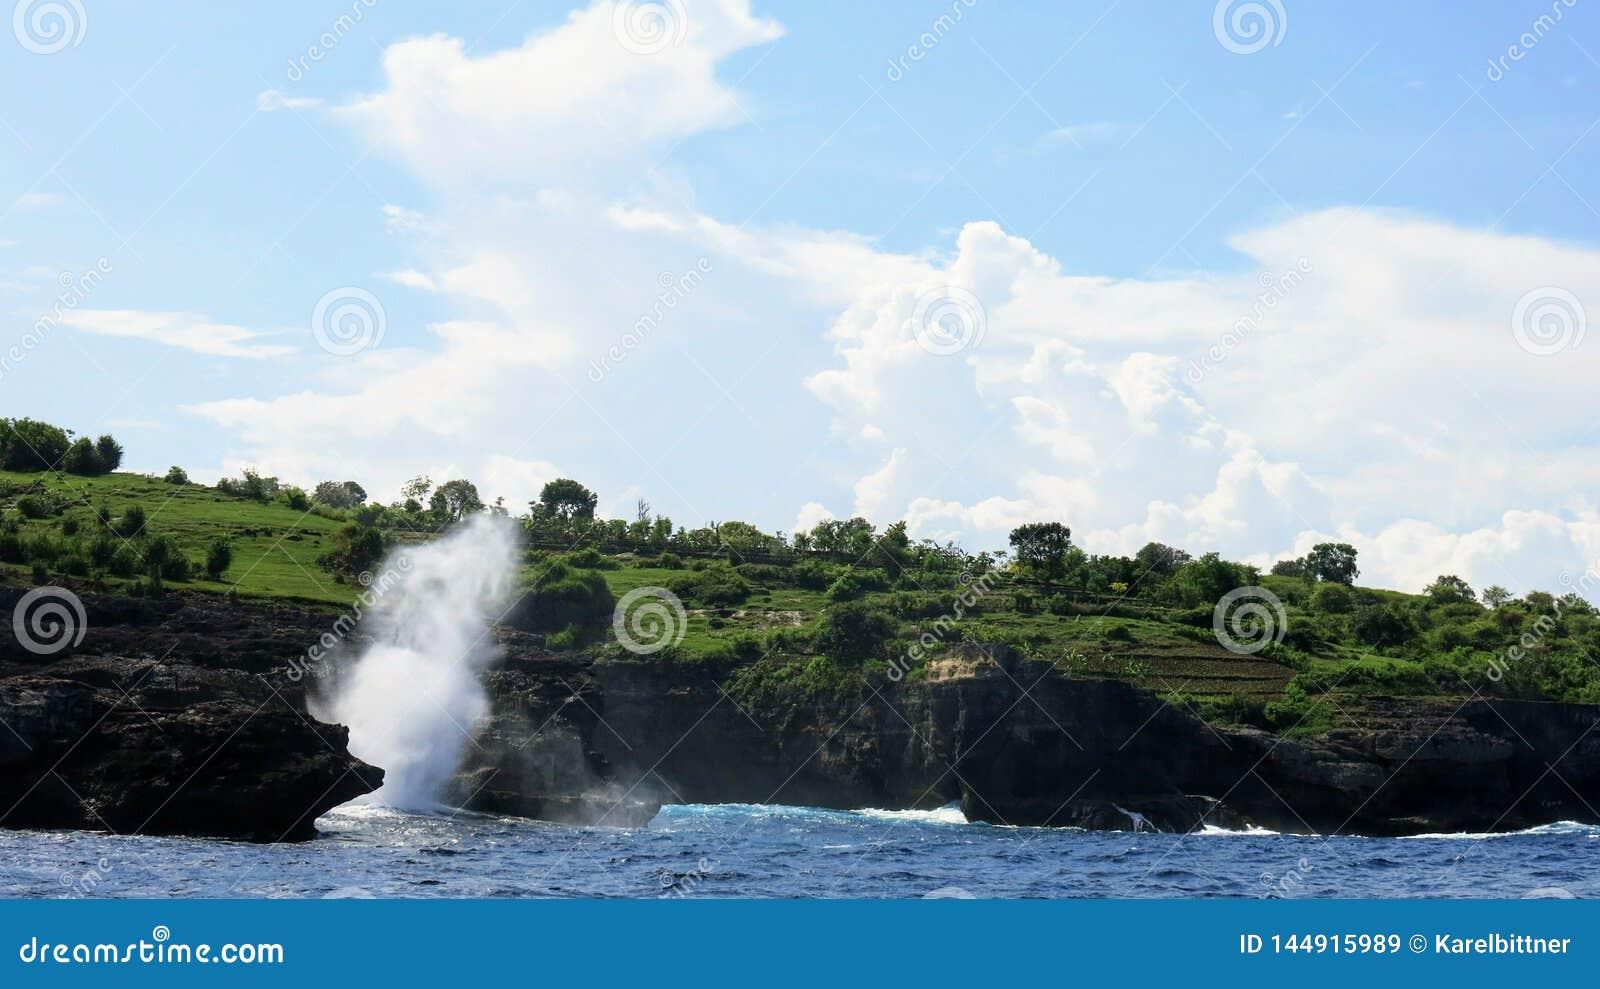 Overzeese golven die tegen de klip van rotsachtige kust van het eiland van Nusa Penida in Indonesië verpletteren